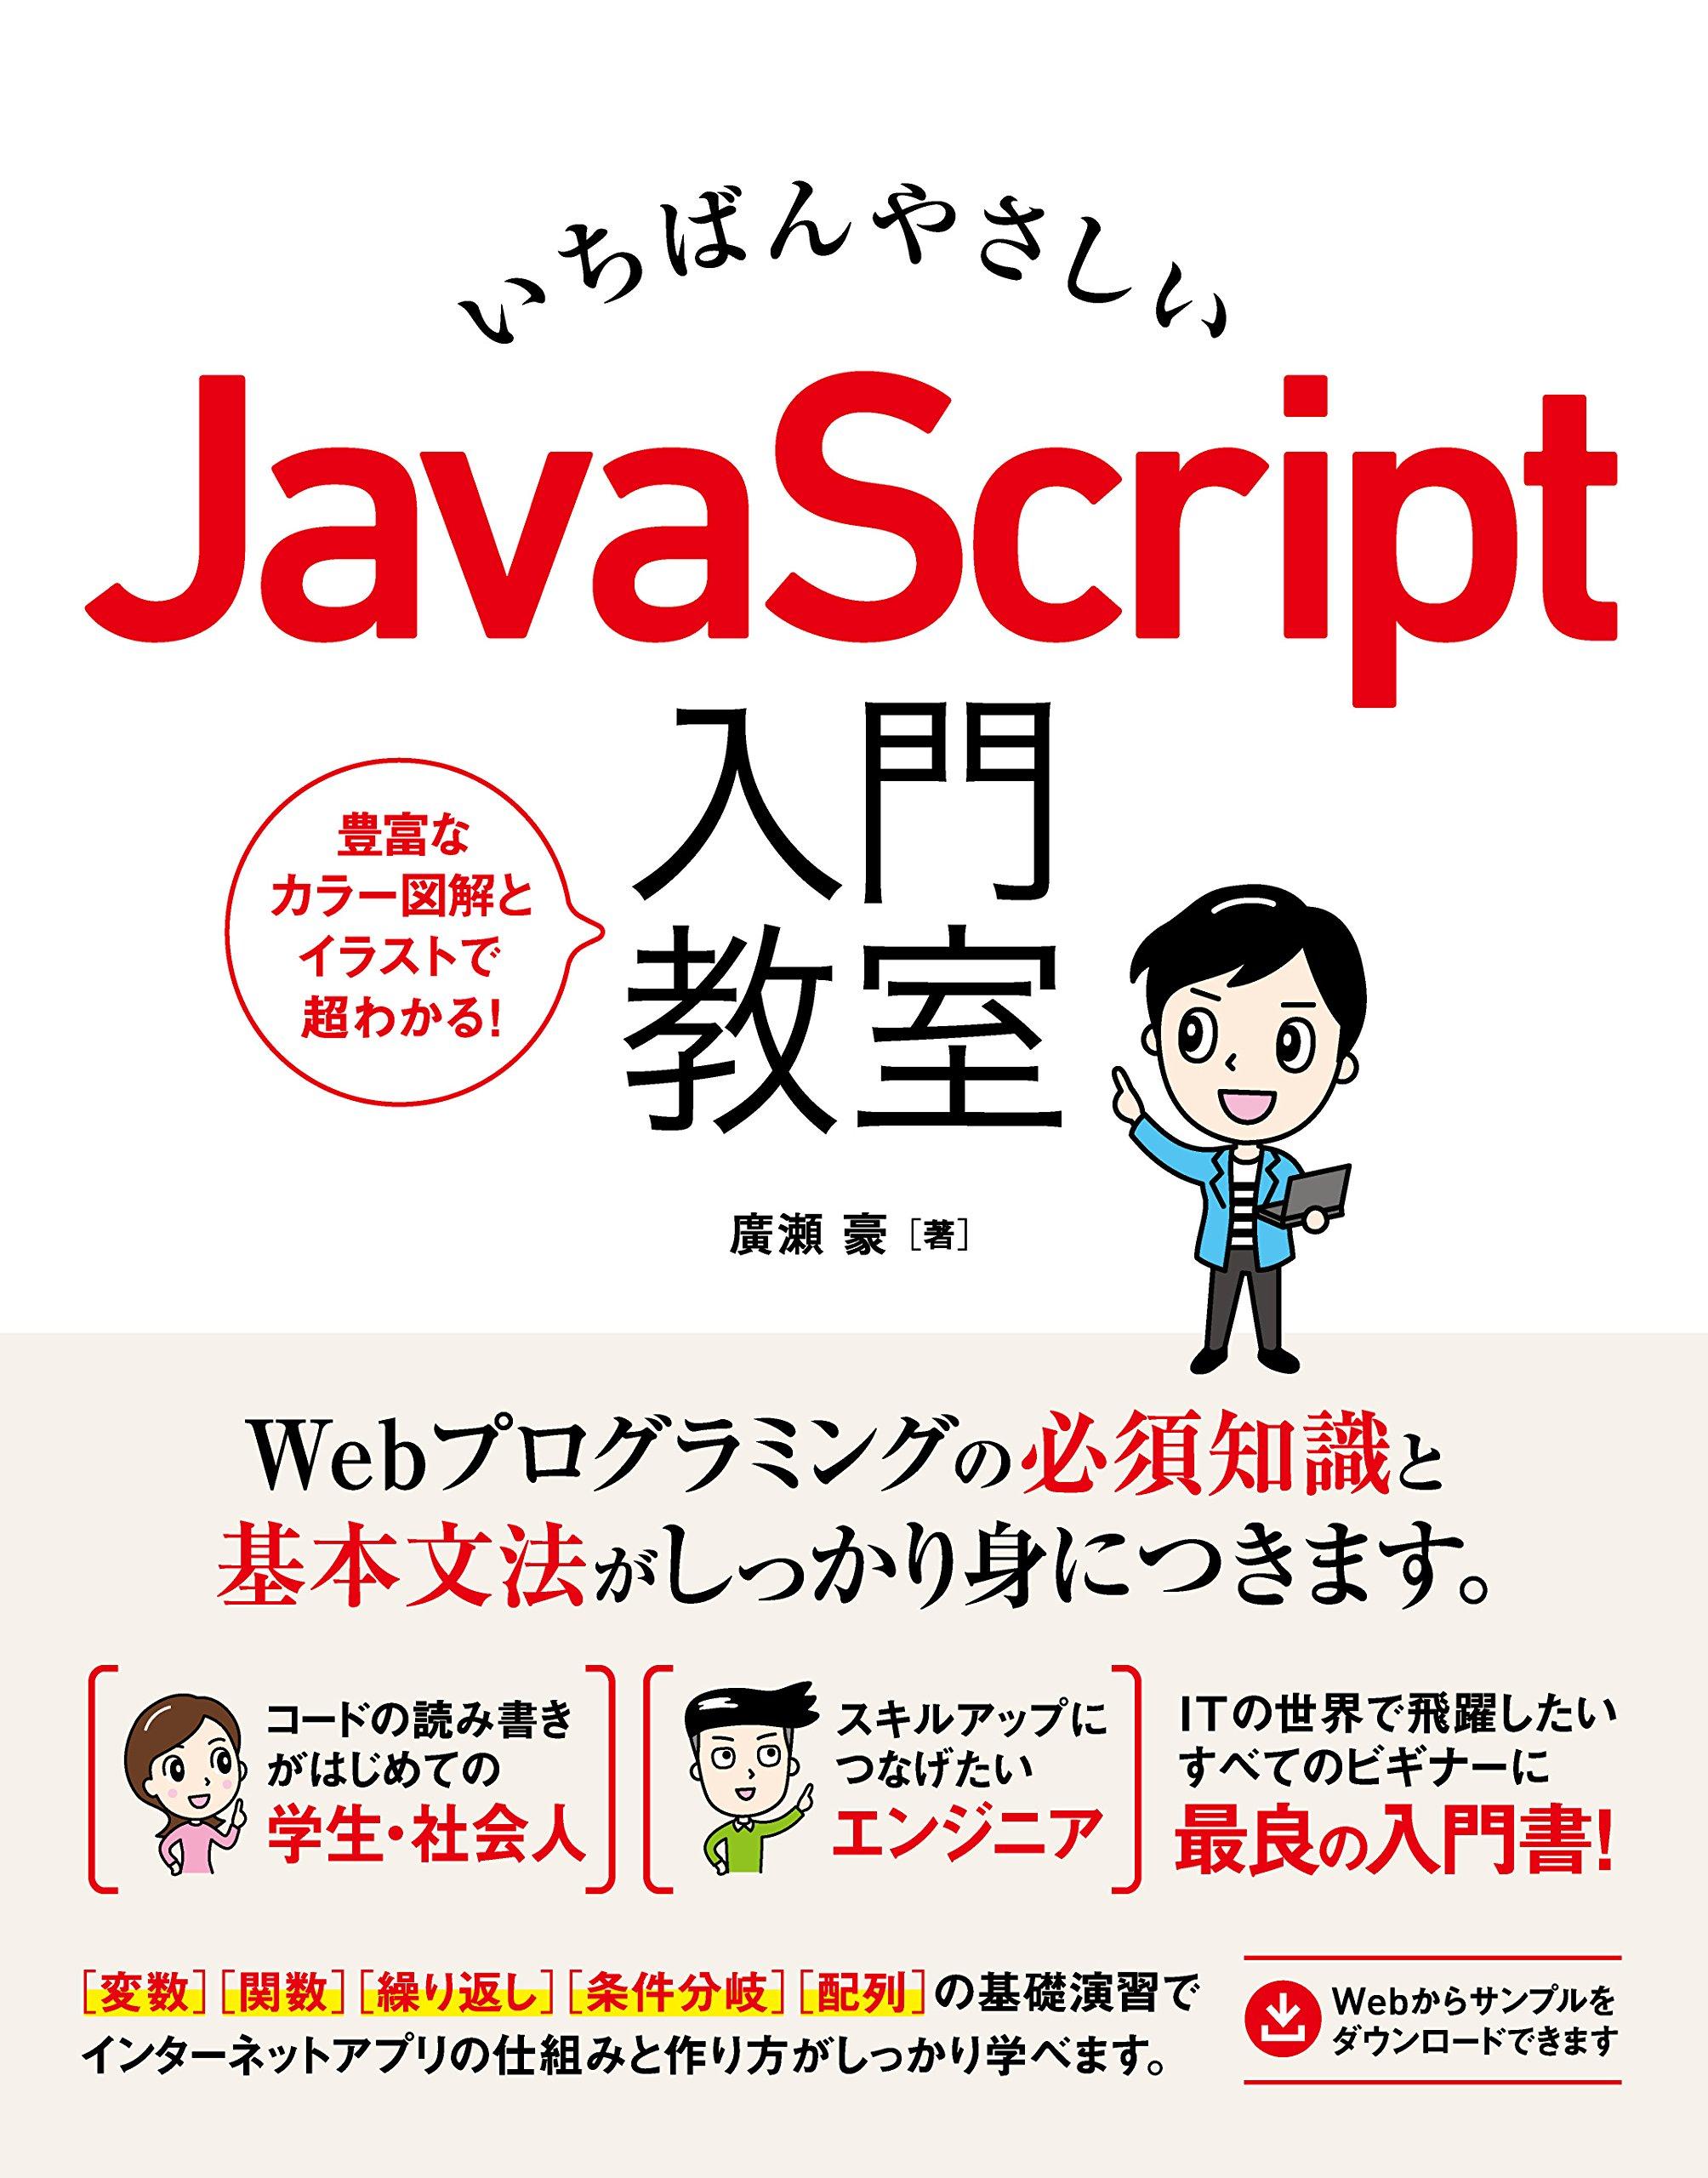 Image of https://images-na.ssl-images-amazon.com/images/I/81%2B0EnSJPtL.jpg